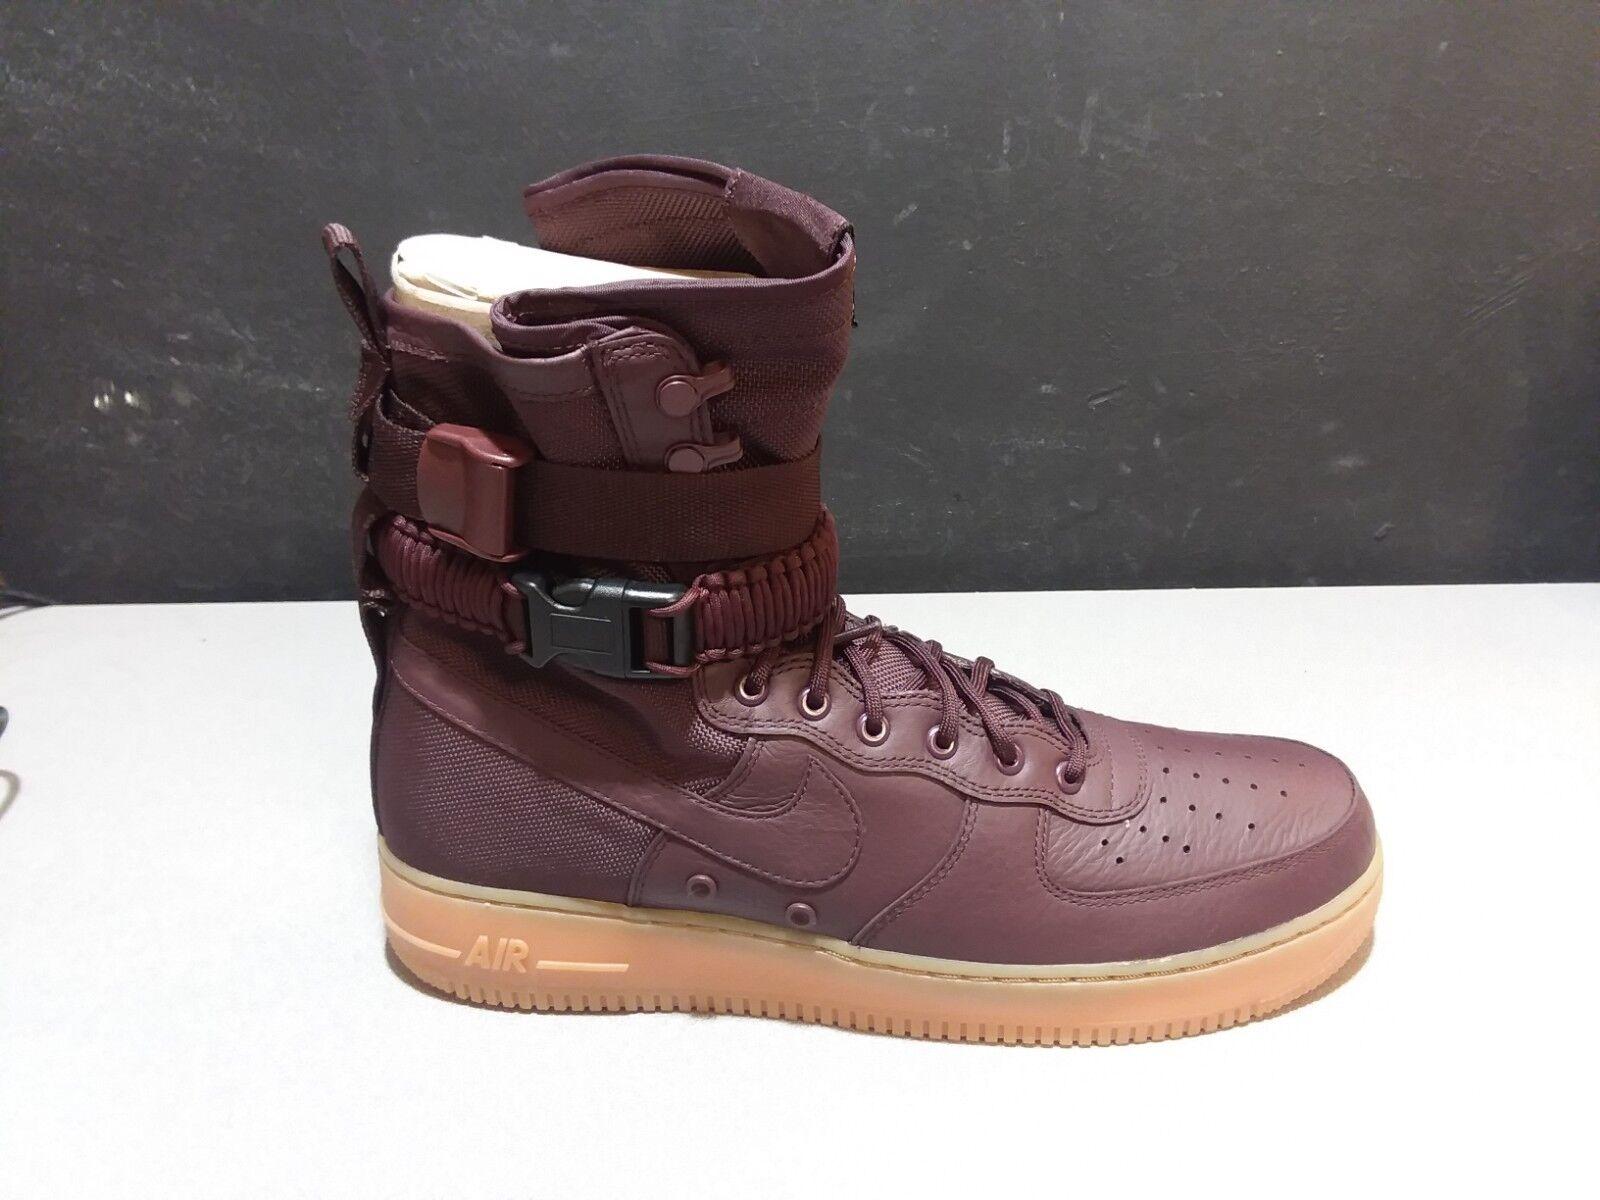 Nike SF Air Force 1 Deep Burgundy Gum Size 13